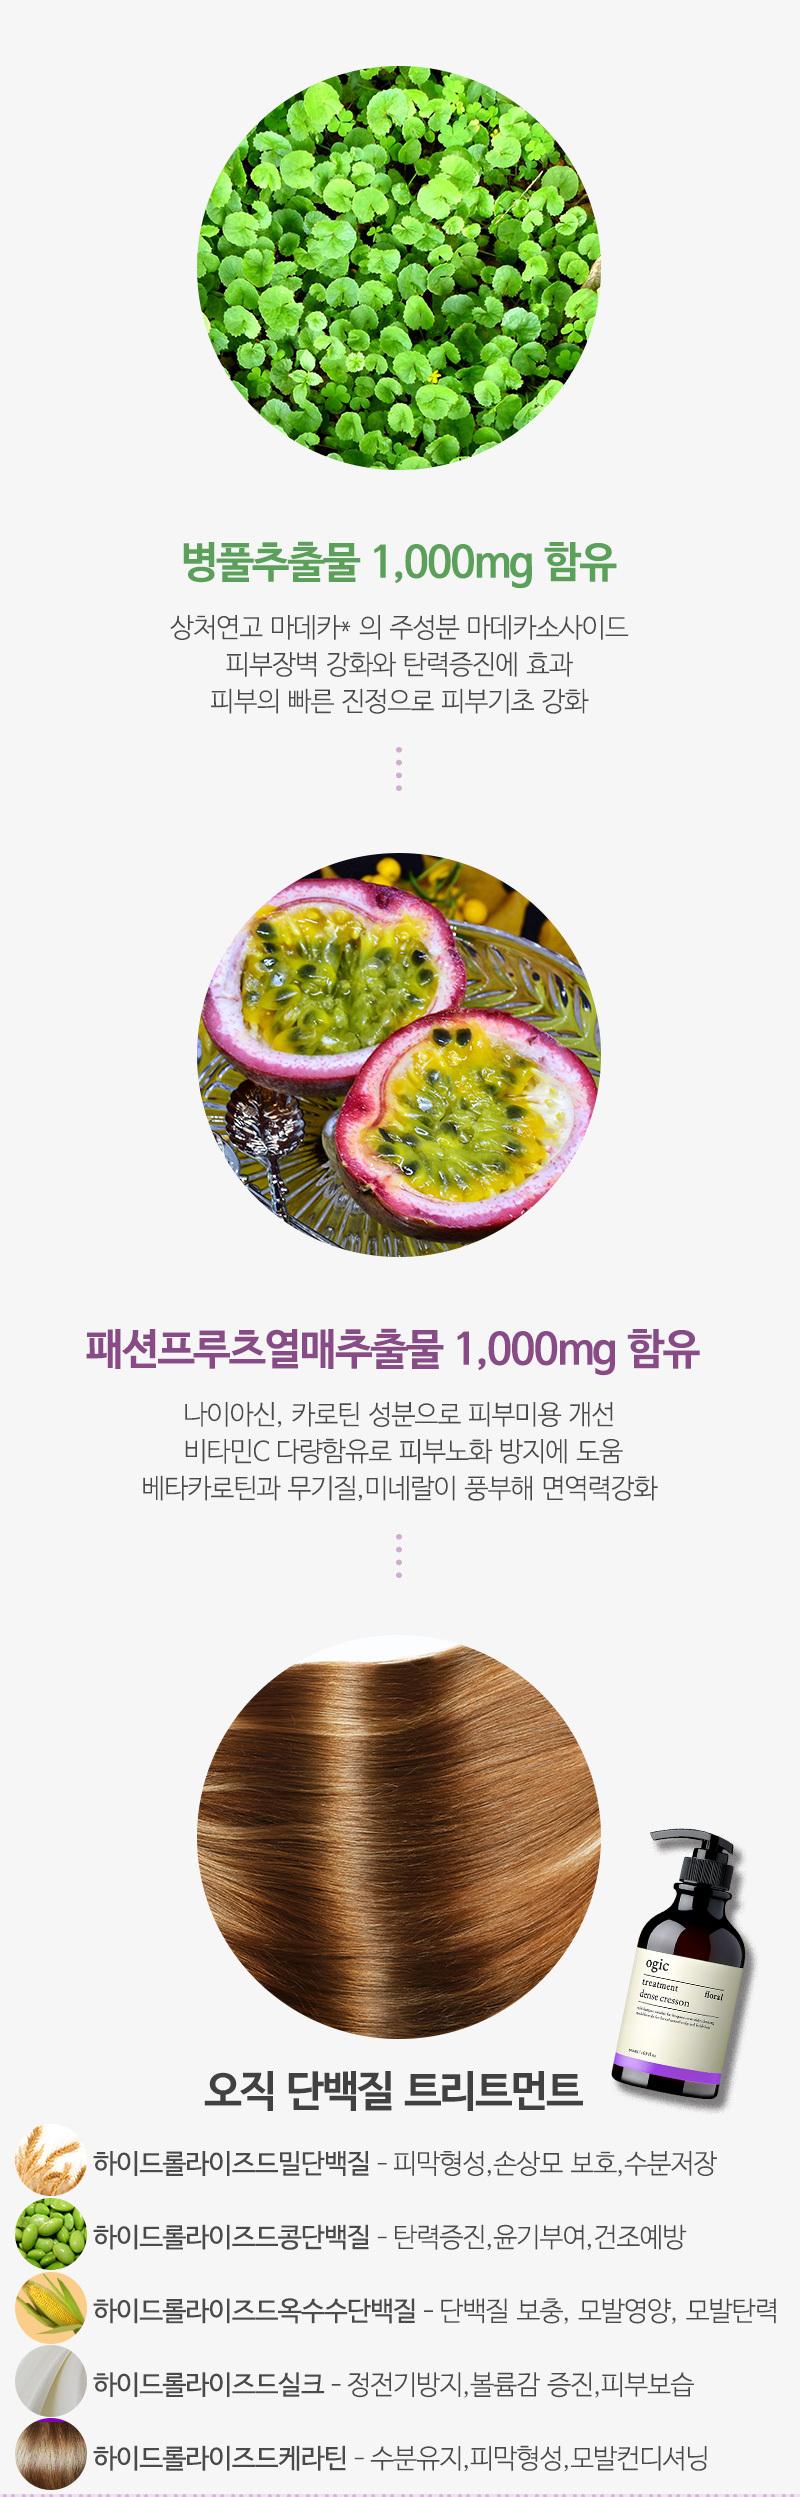 오직 댄스크레숑 비듬 탈모샴푸+트리트먼트 500ml - 오직, 18,800원, 헤어케어, 샴푸/린스